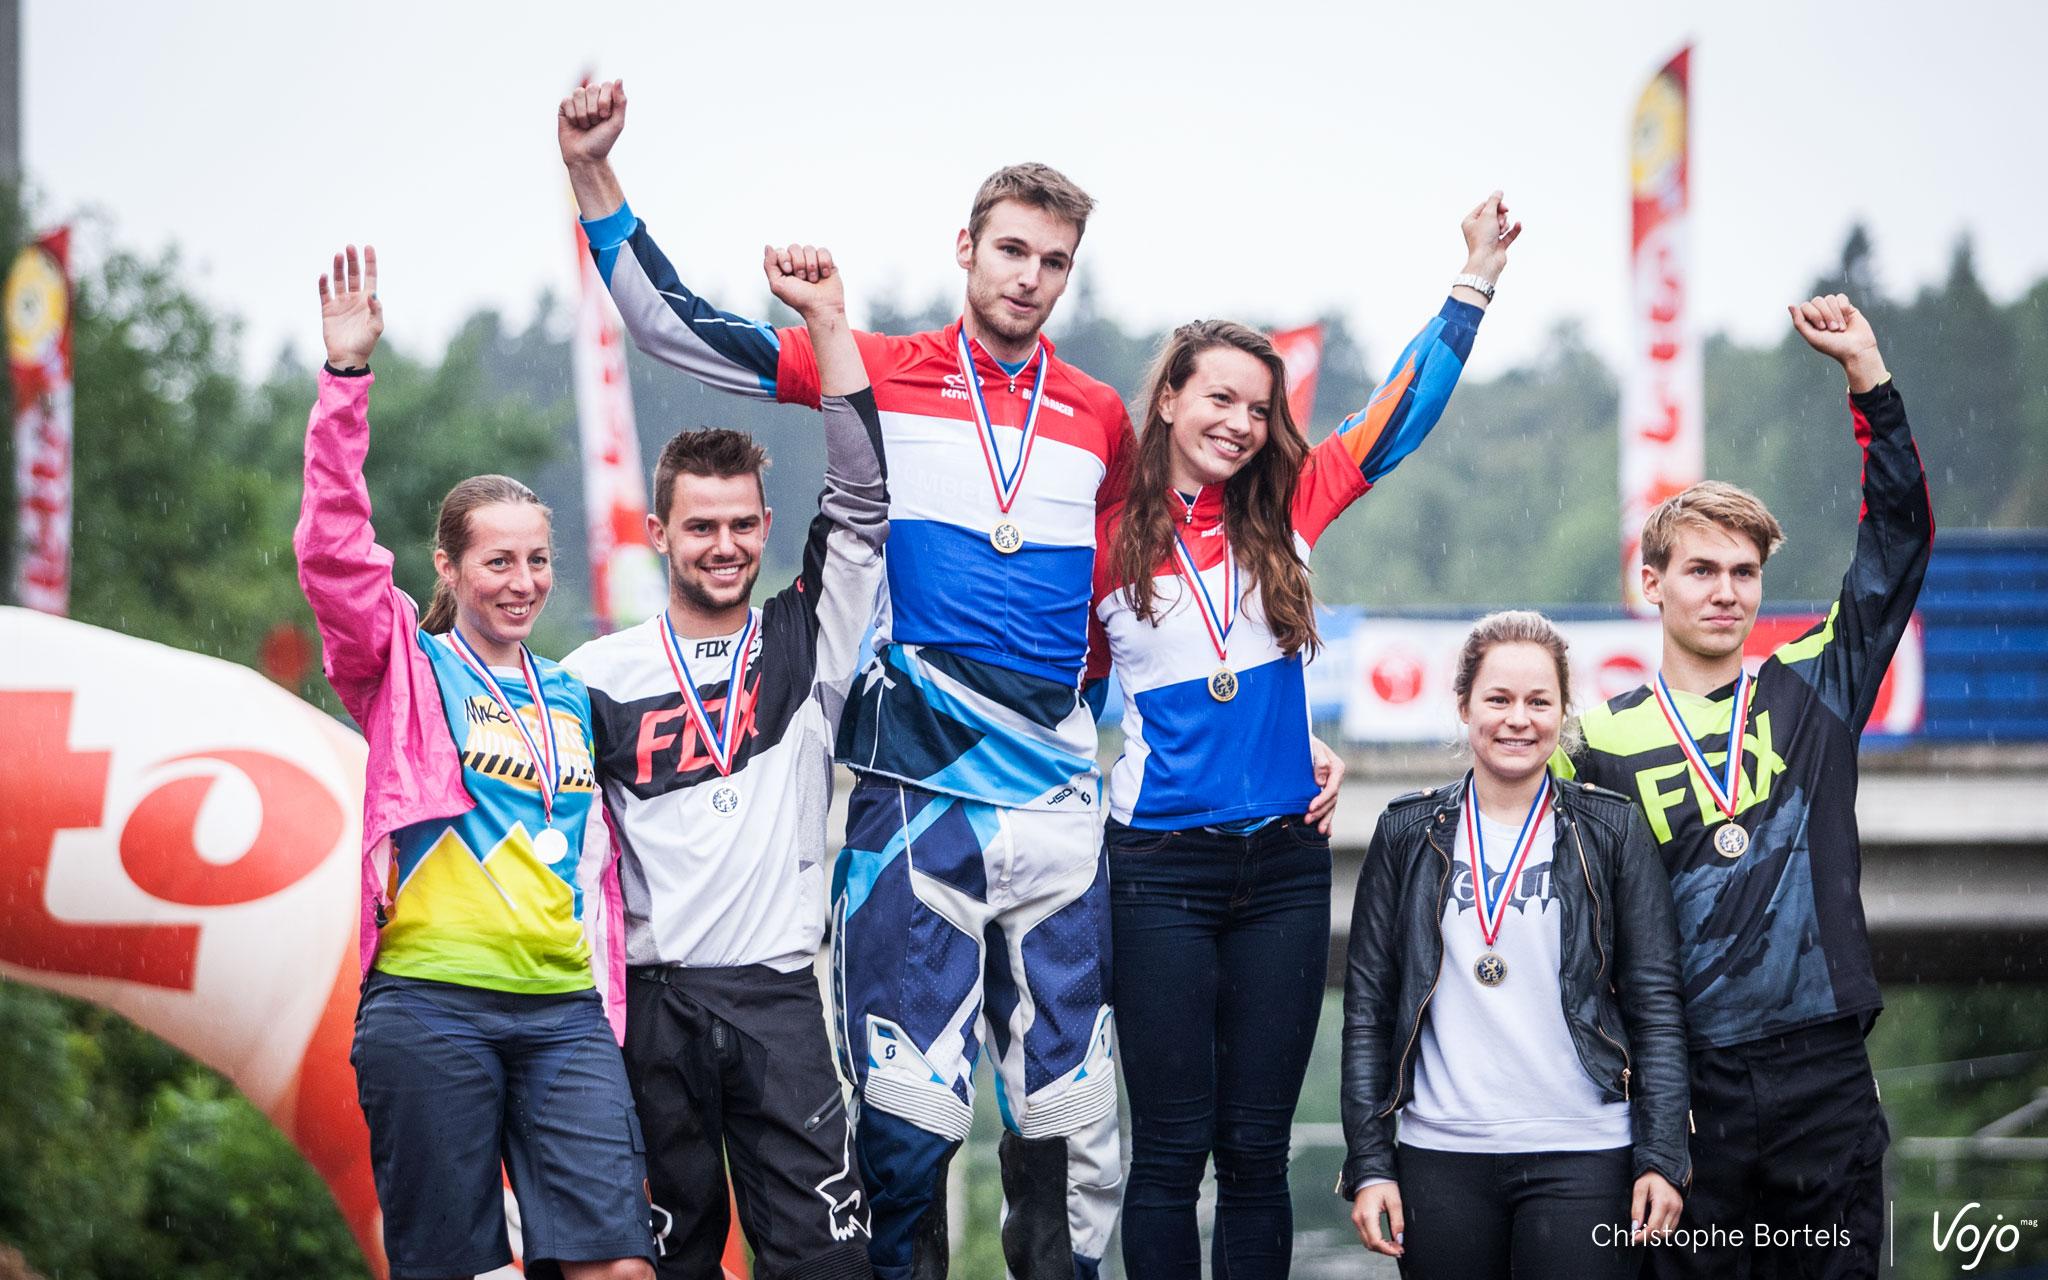 championnat-belgique-vielsalm-podium-NL